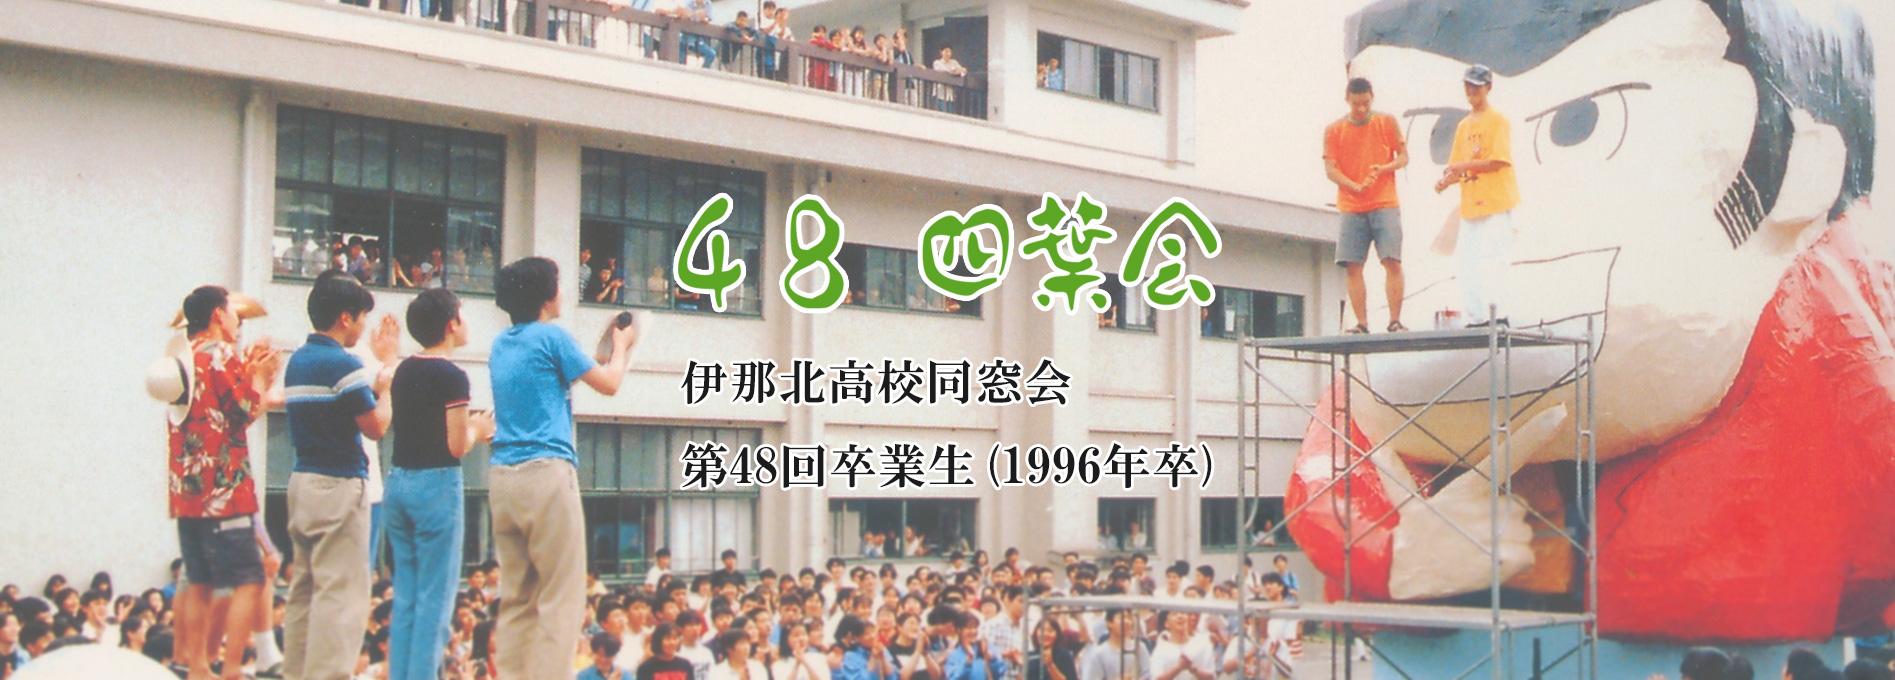 四葉会 伊那北高校同窓会 第48回卒業生 (1996年卒)